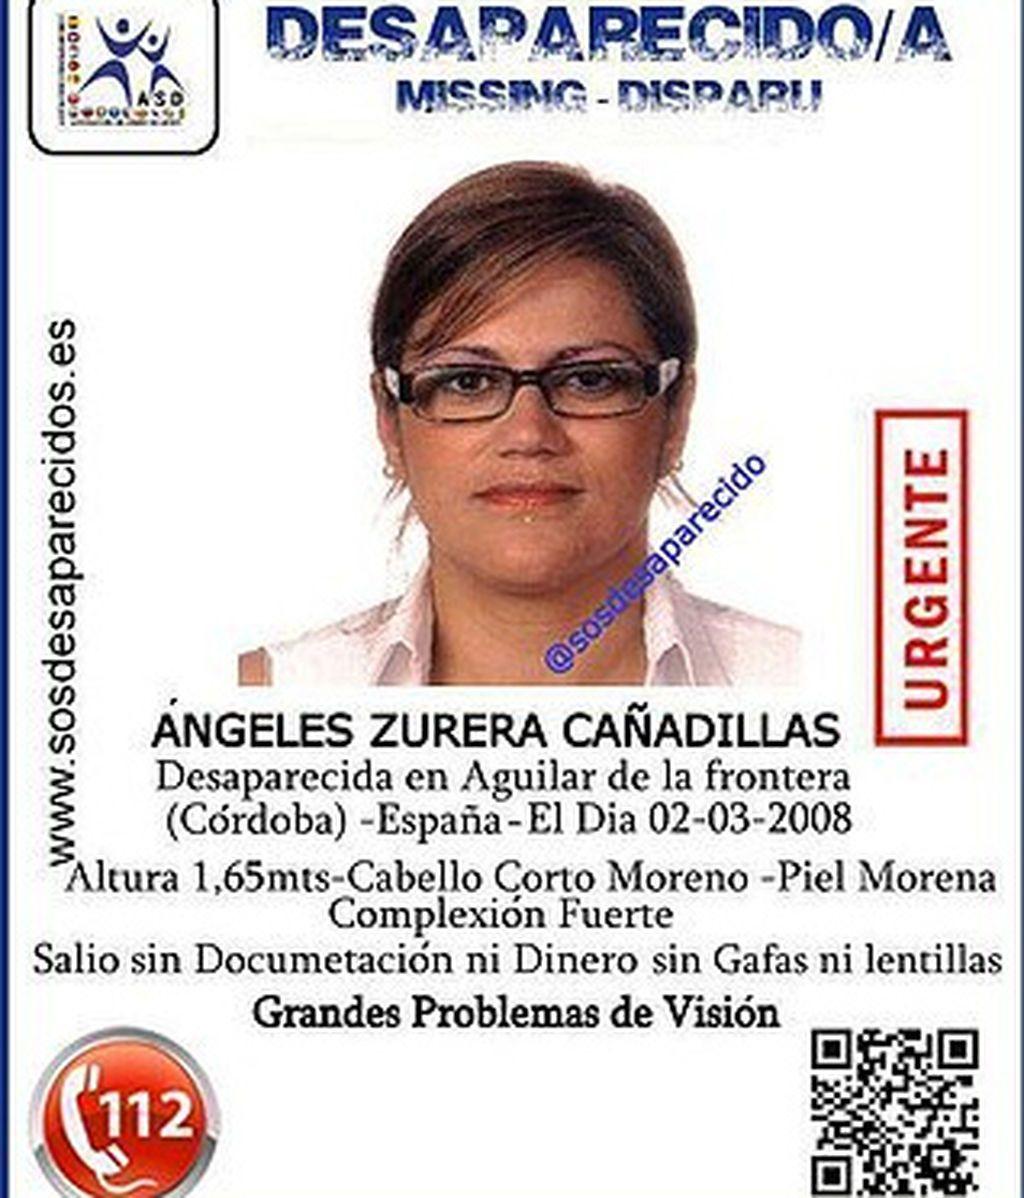 La familia de Ángeles Zurera, desaparecida hace diez años, confía en nuevas pruebas